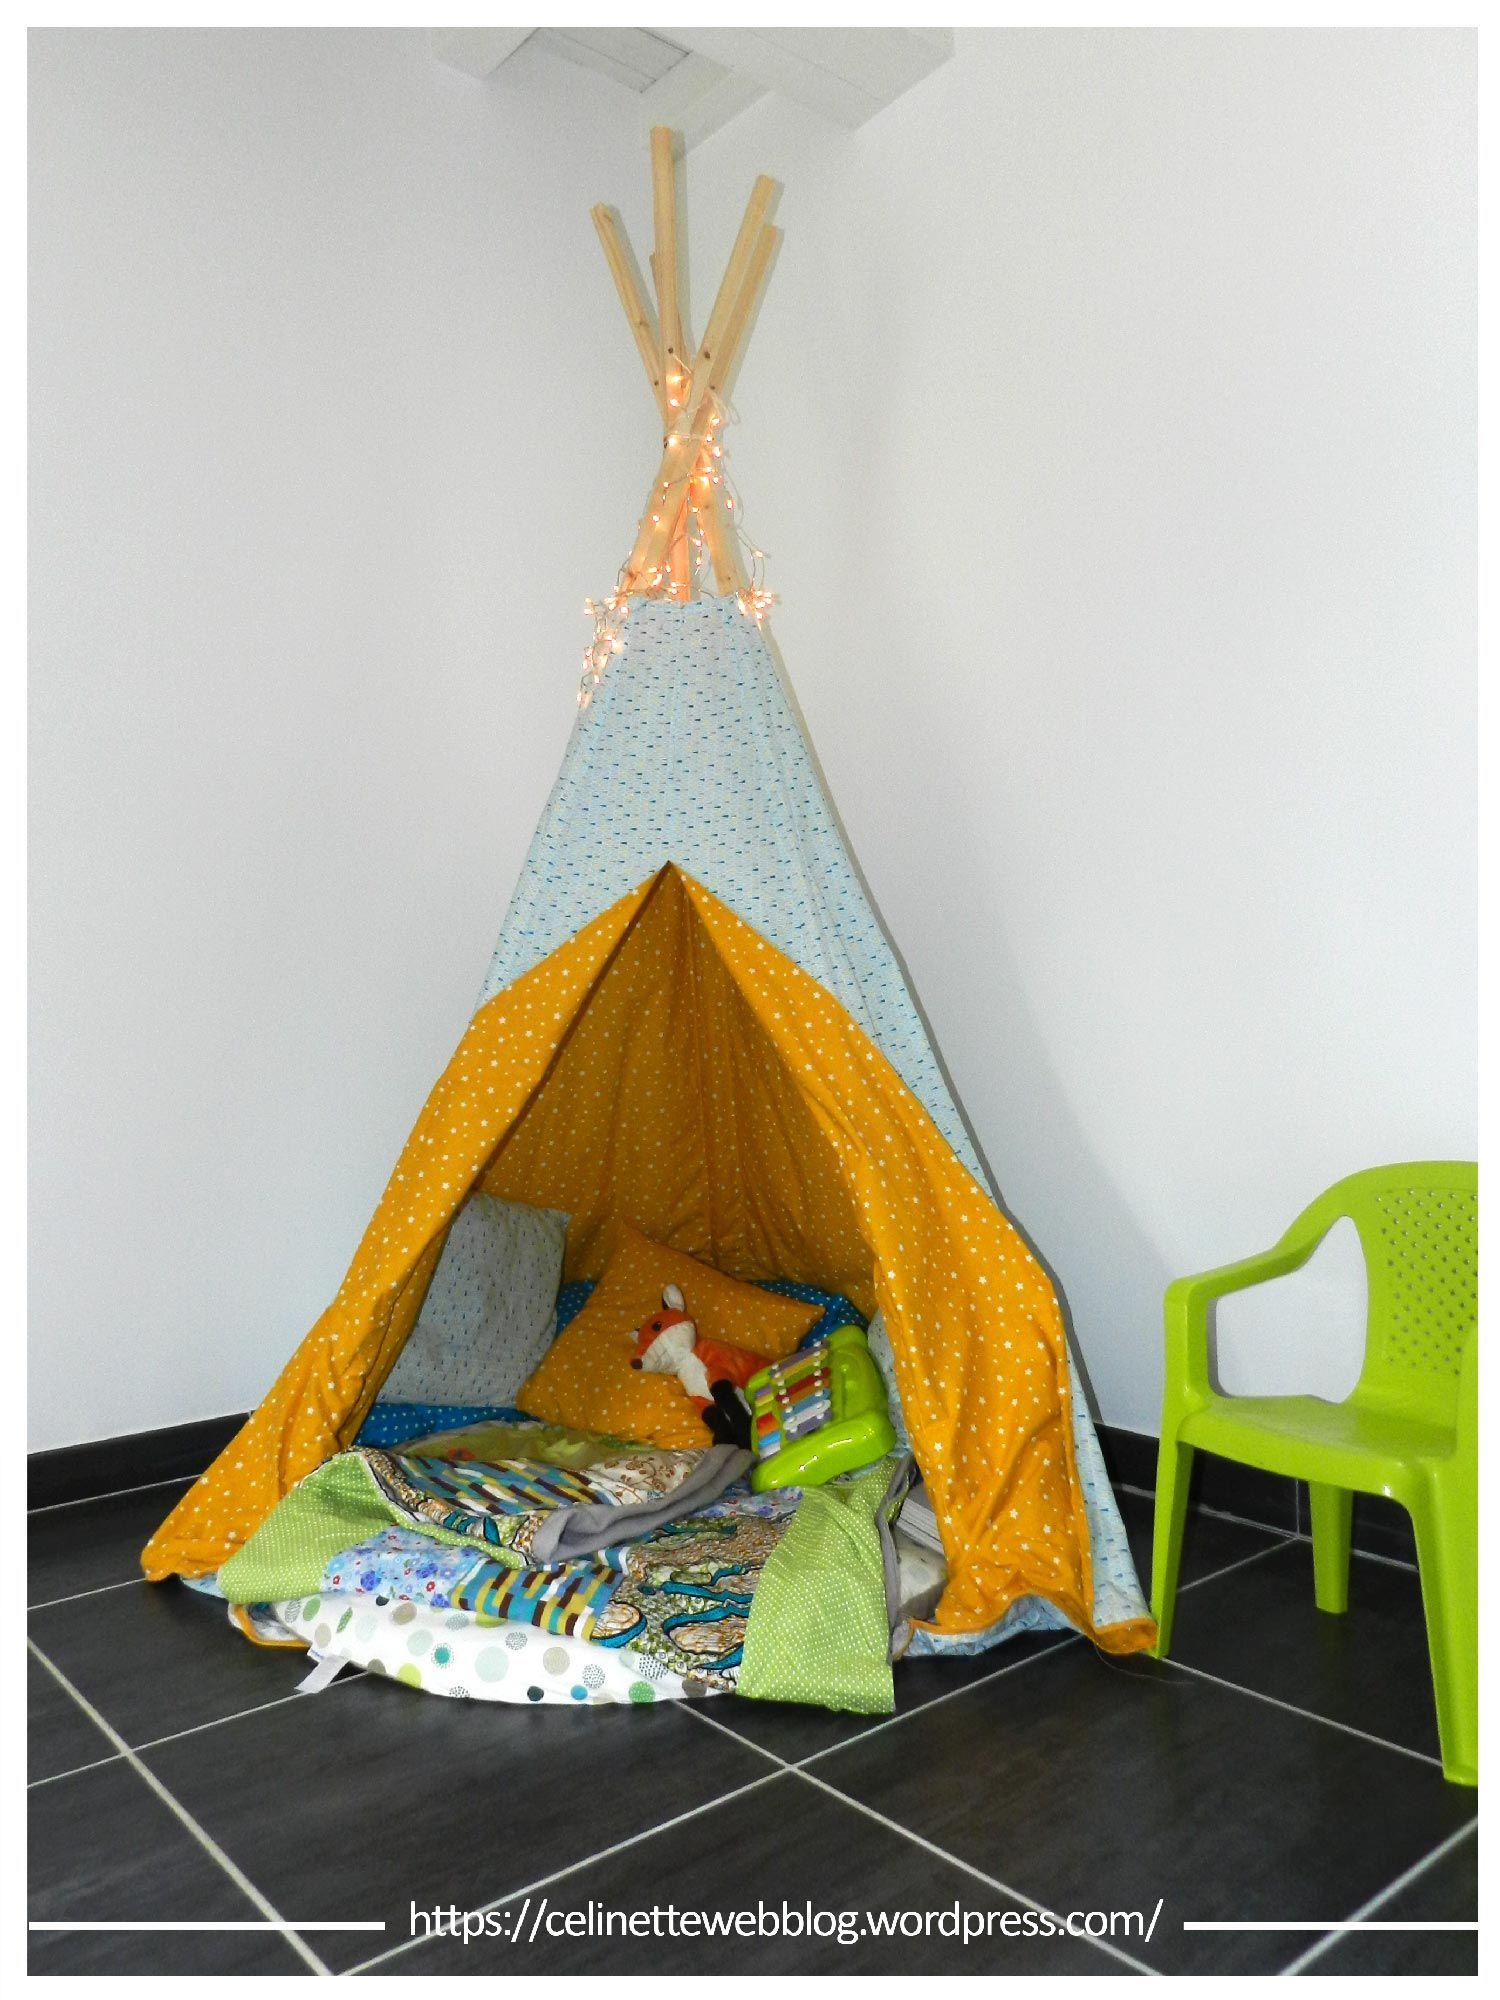 diy fabriquer un tipi enfant couture tipi enfant. Black Bedroom Furniture Sets. Home Design Ideas